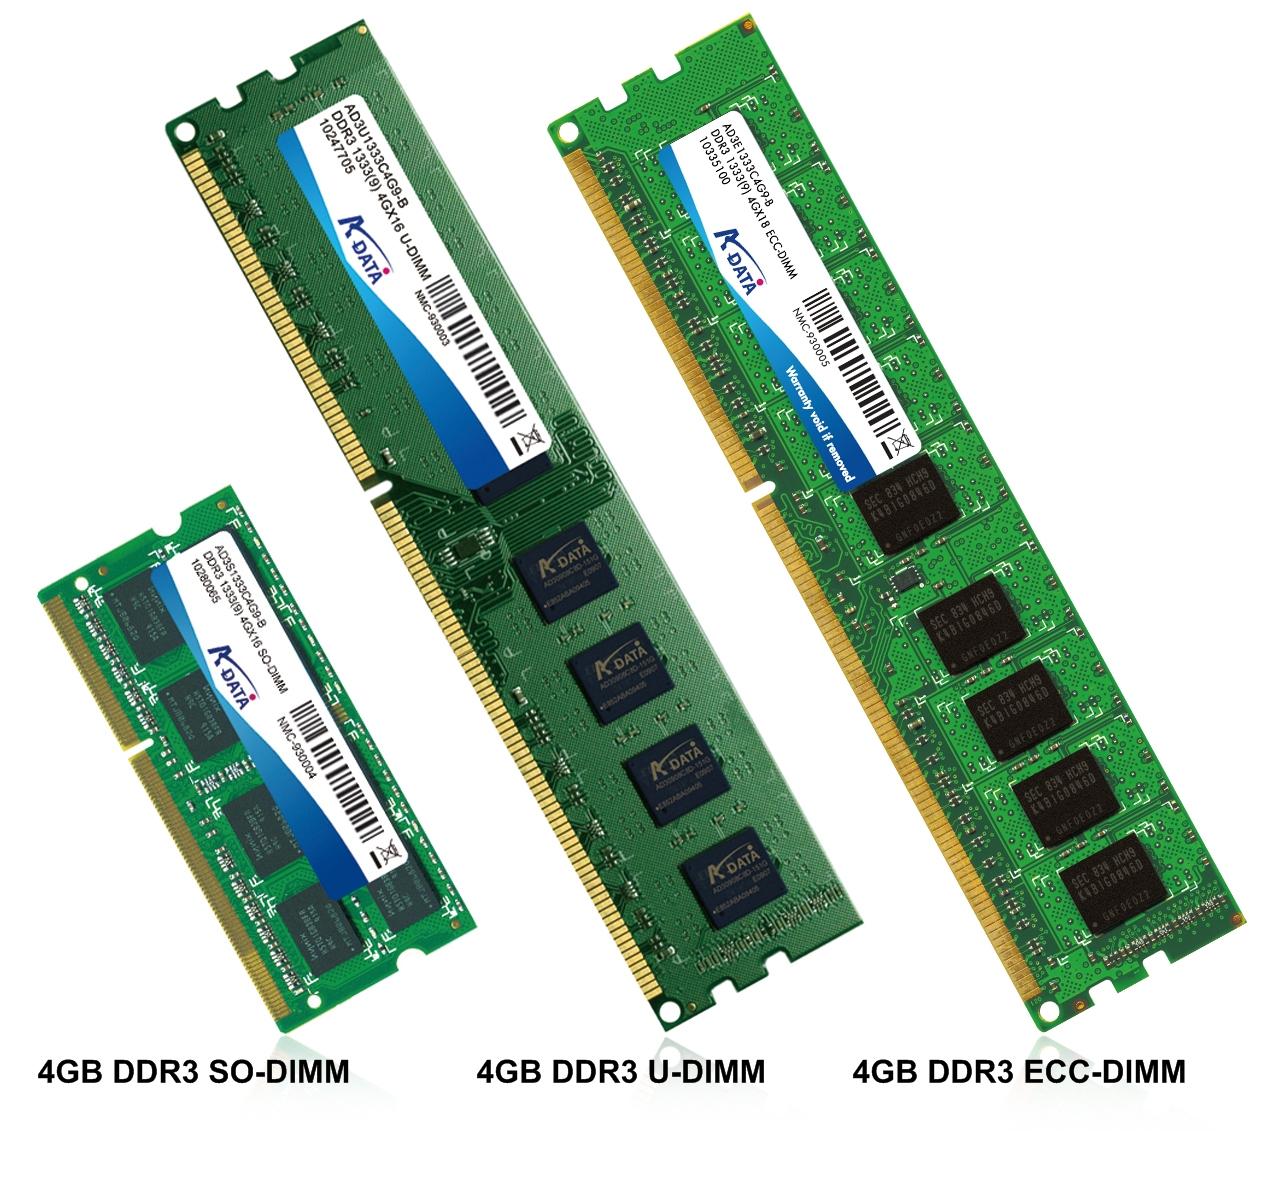 A-DATA 4GB DDR3 memory for laptops, desktops & servers